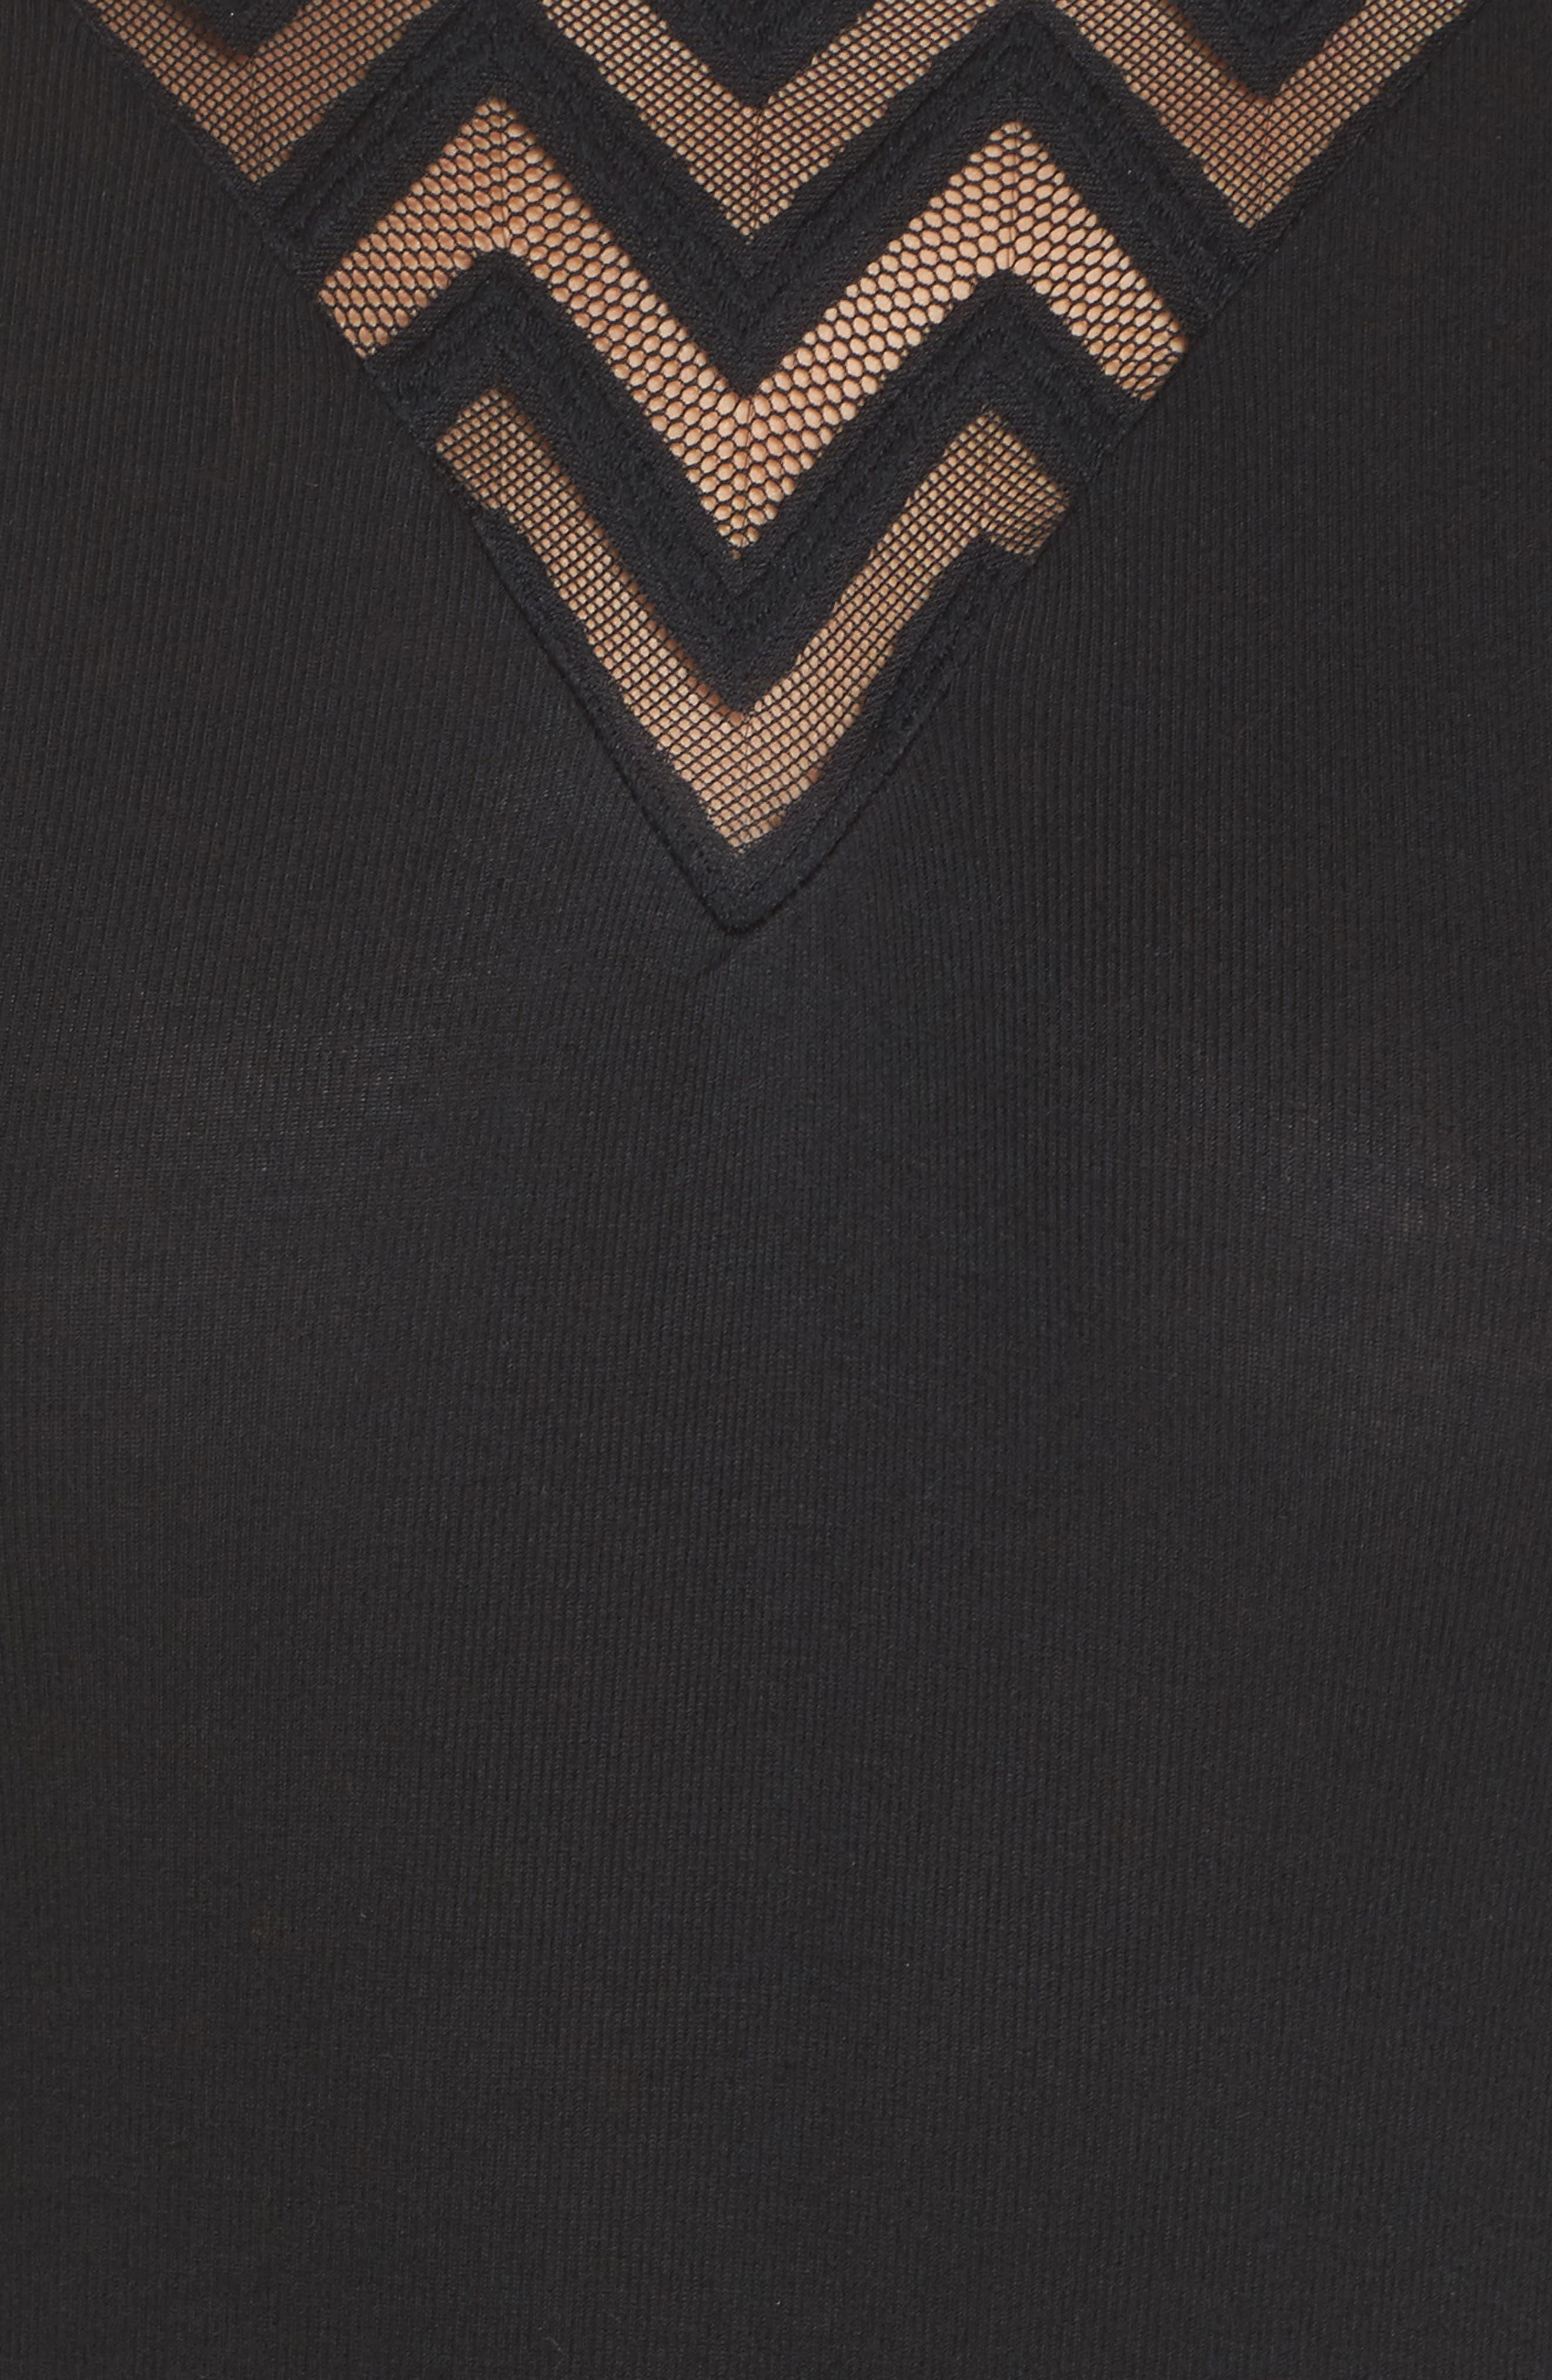 Modal & Cashmere Bodysuit,                             Alternate thumbnail 5, color,                             001